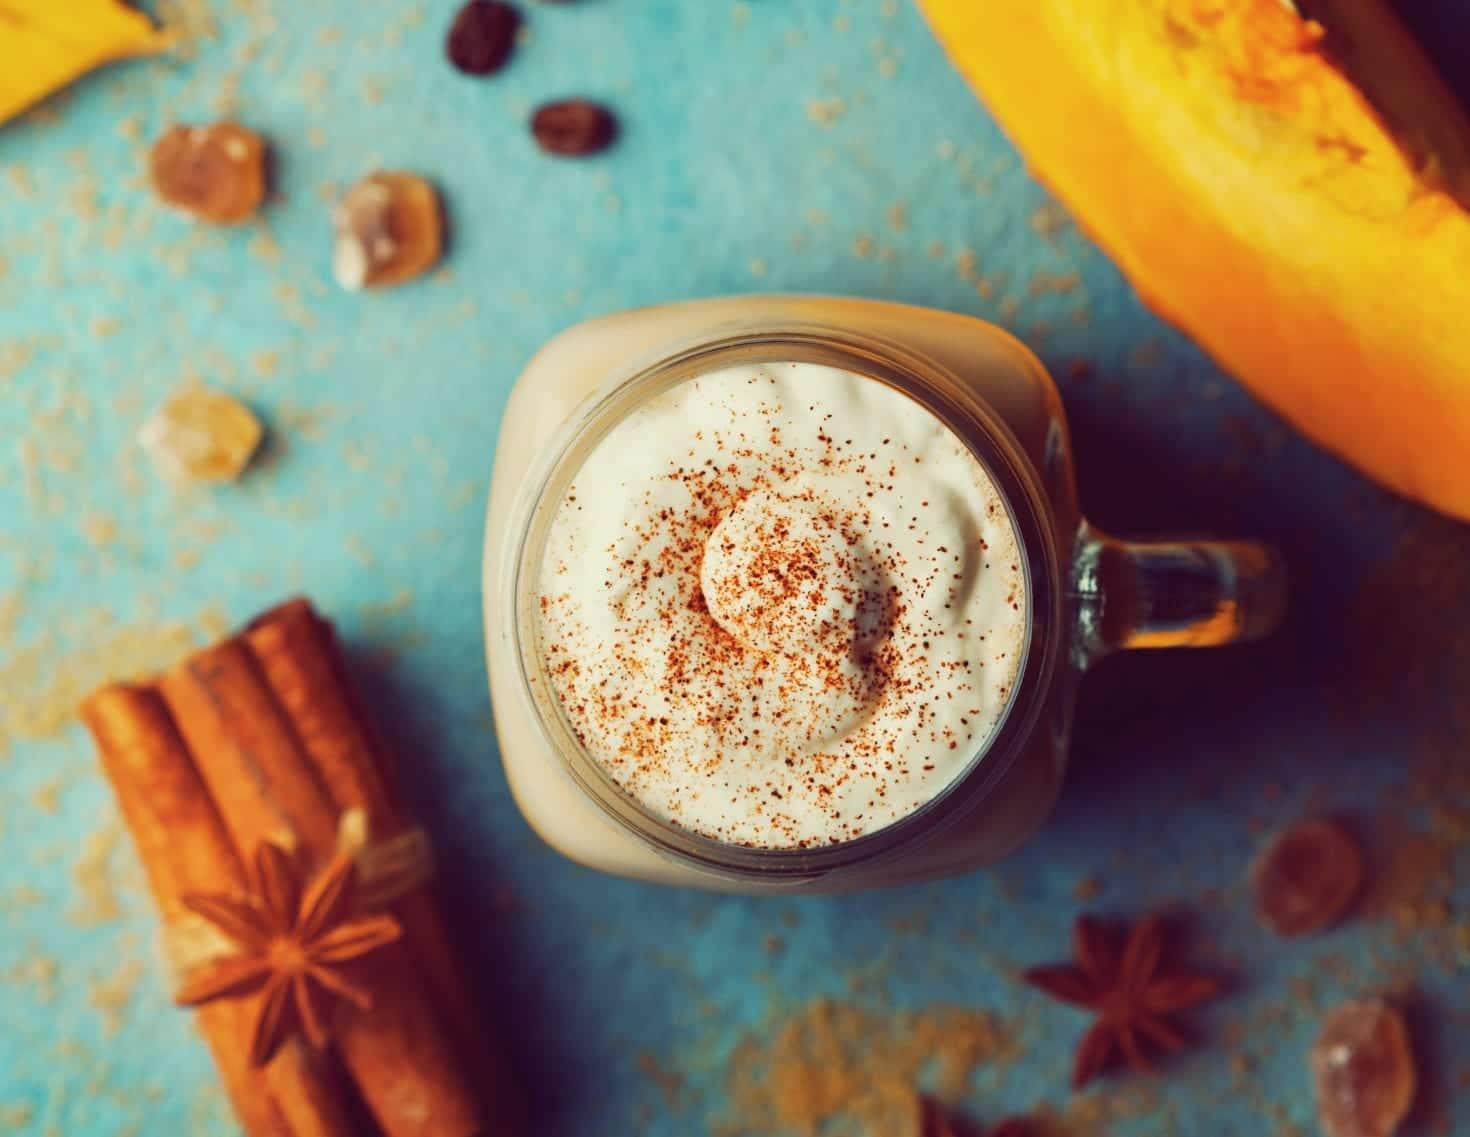 Herbst im Glas: Unser Rezept für einen selbstgemachten Pumpkin-Spice-Latte | Miomente Entdeckermagazin